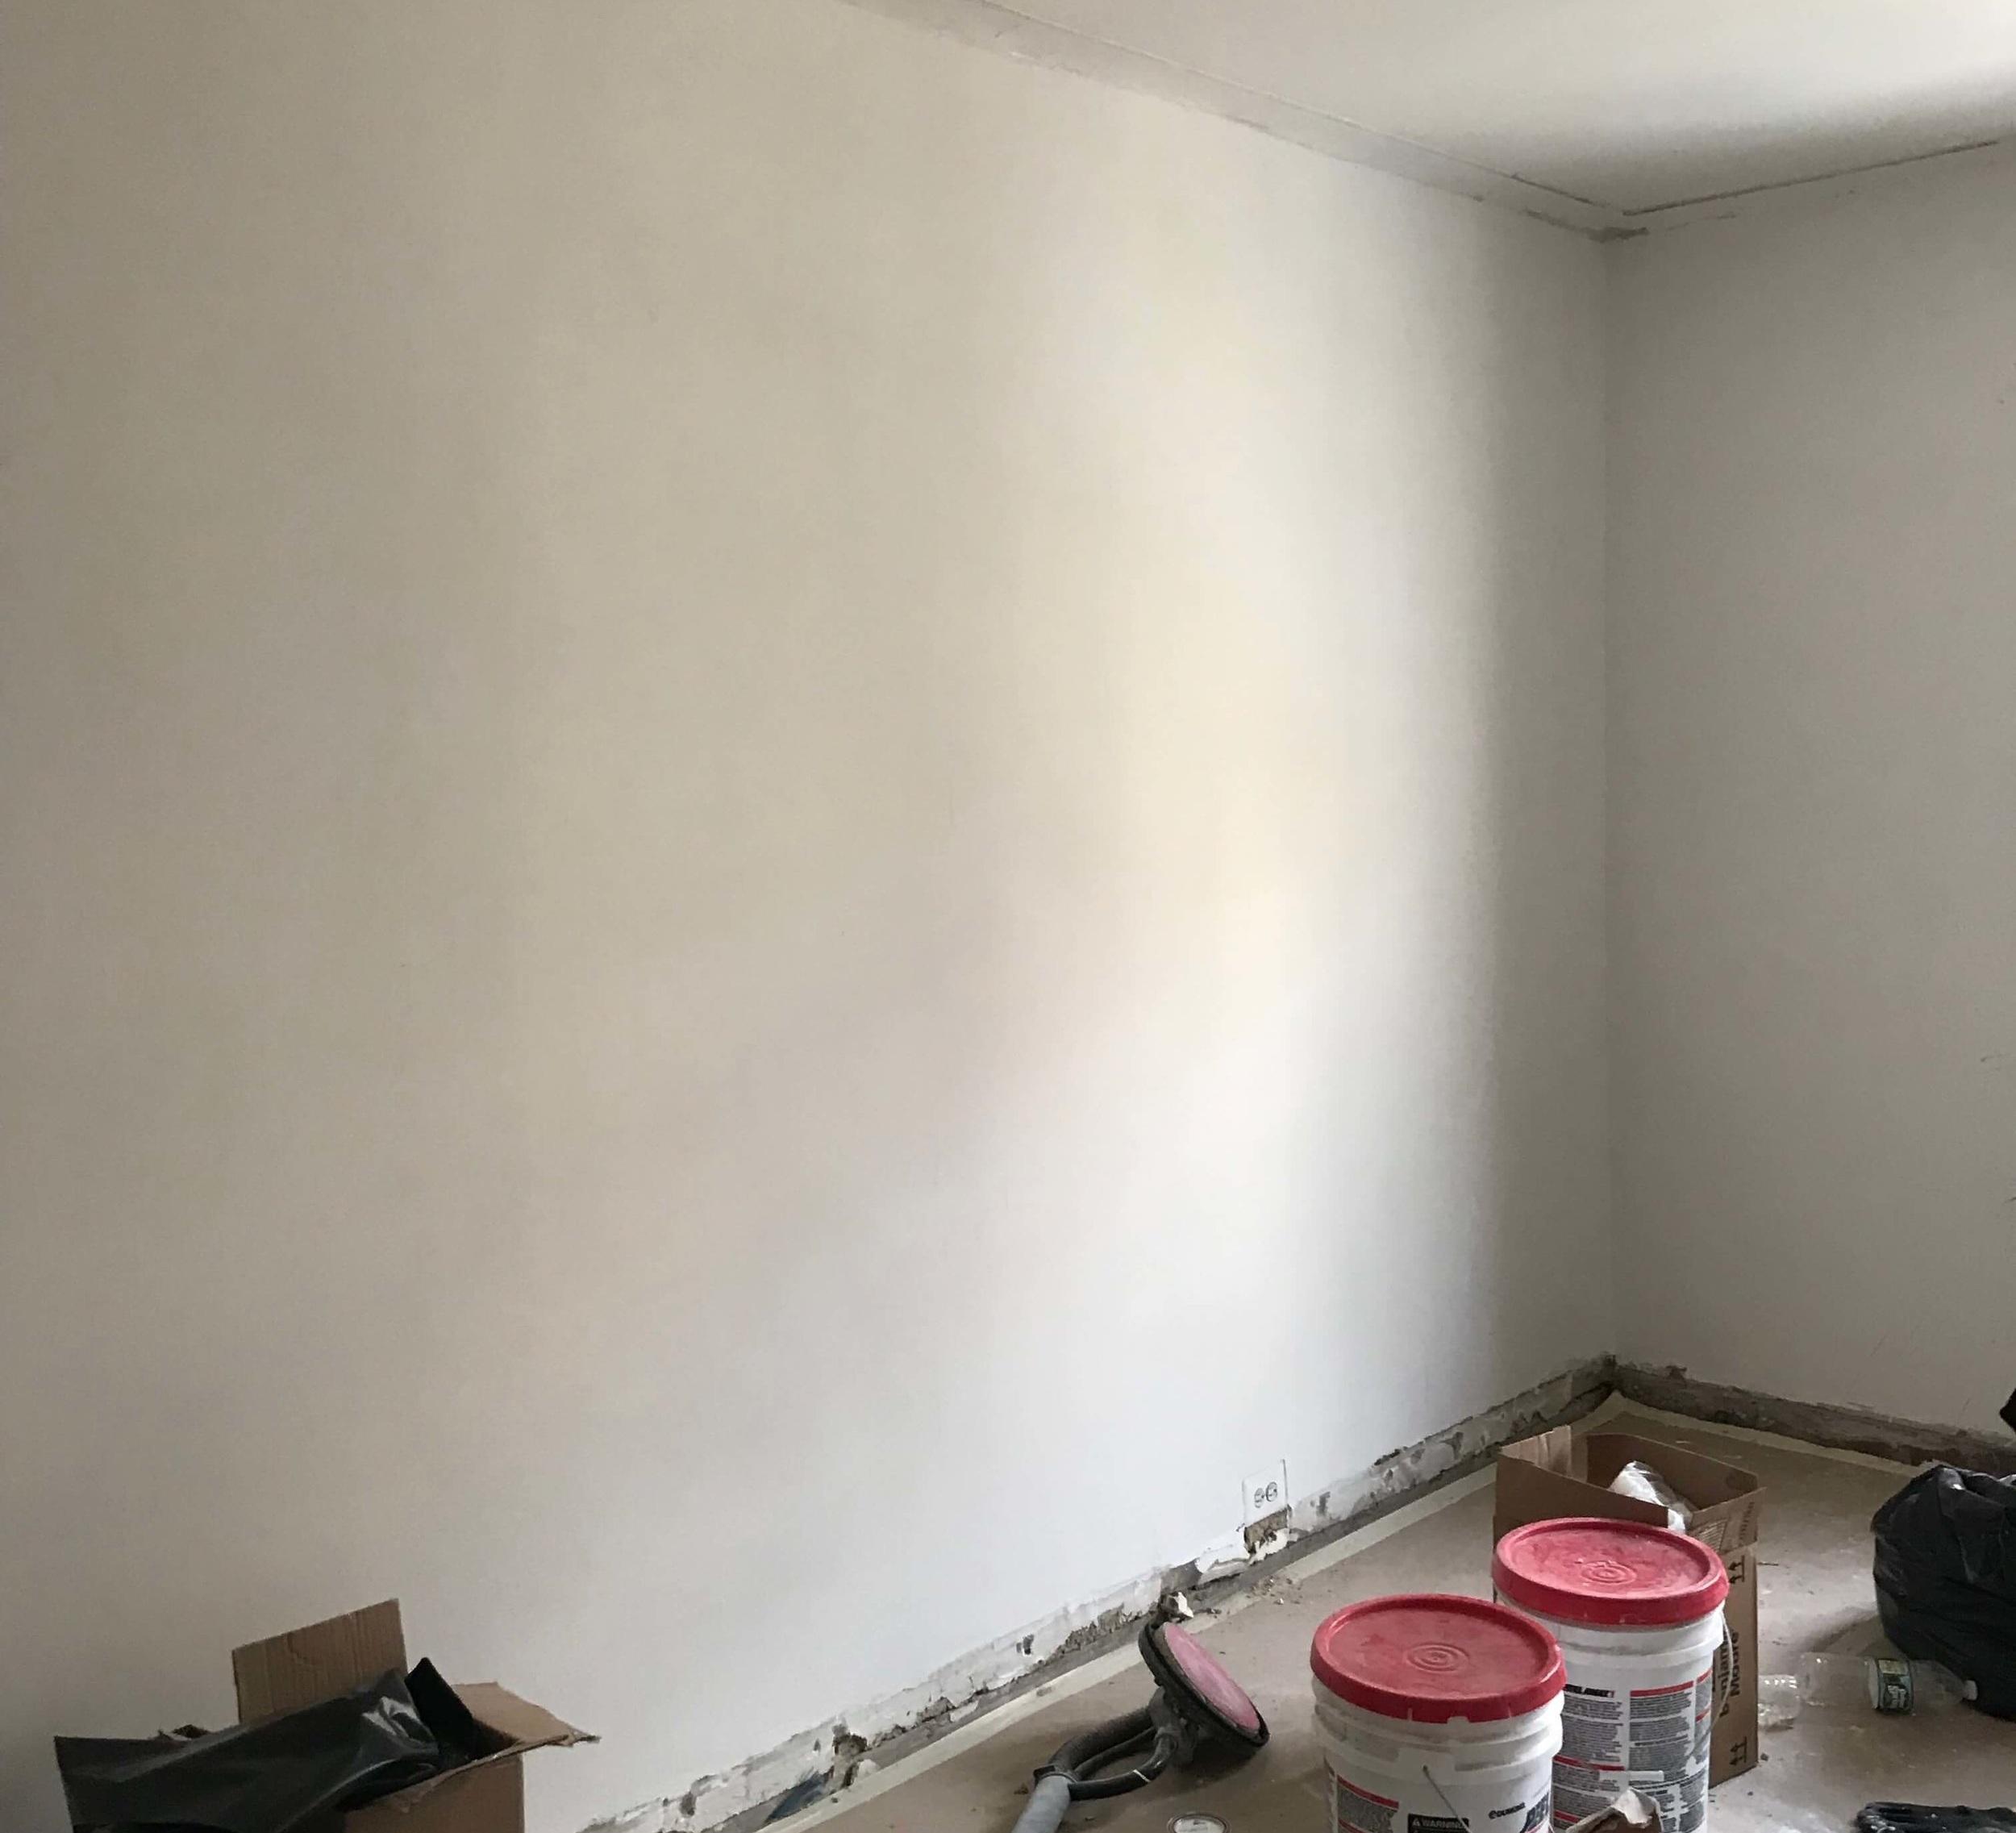 Skim coating - After 3 coats of compound plaster